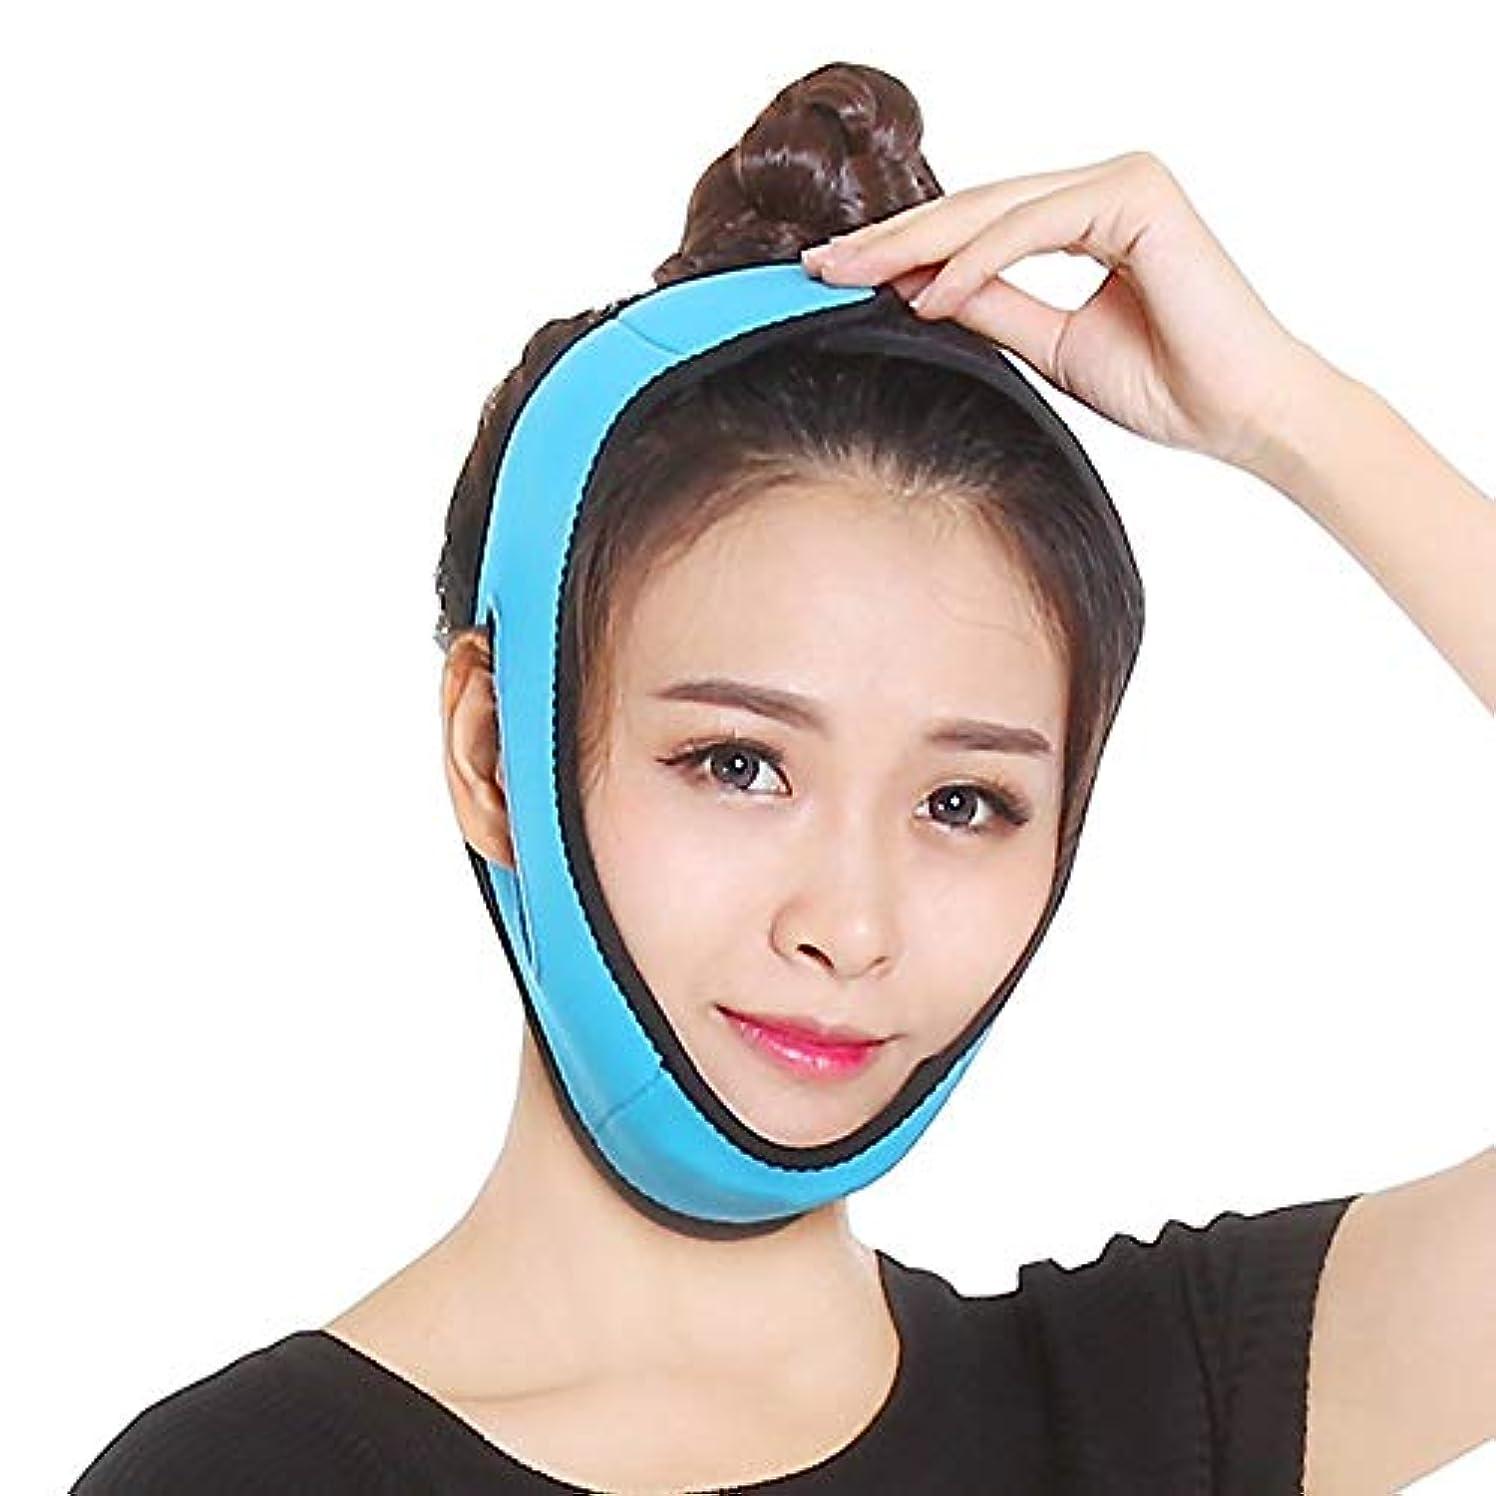 市の中心部貫通のりフェイスリフトベルト 薄い顔のベルト - 薄い顔のツール薄い顔のベルト通気性のラテックスのマッサージV型の顔のアーティファクトの顔の薄いマスク